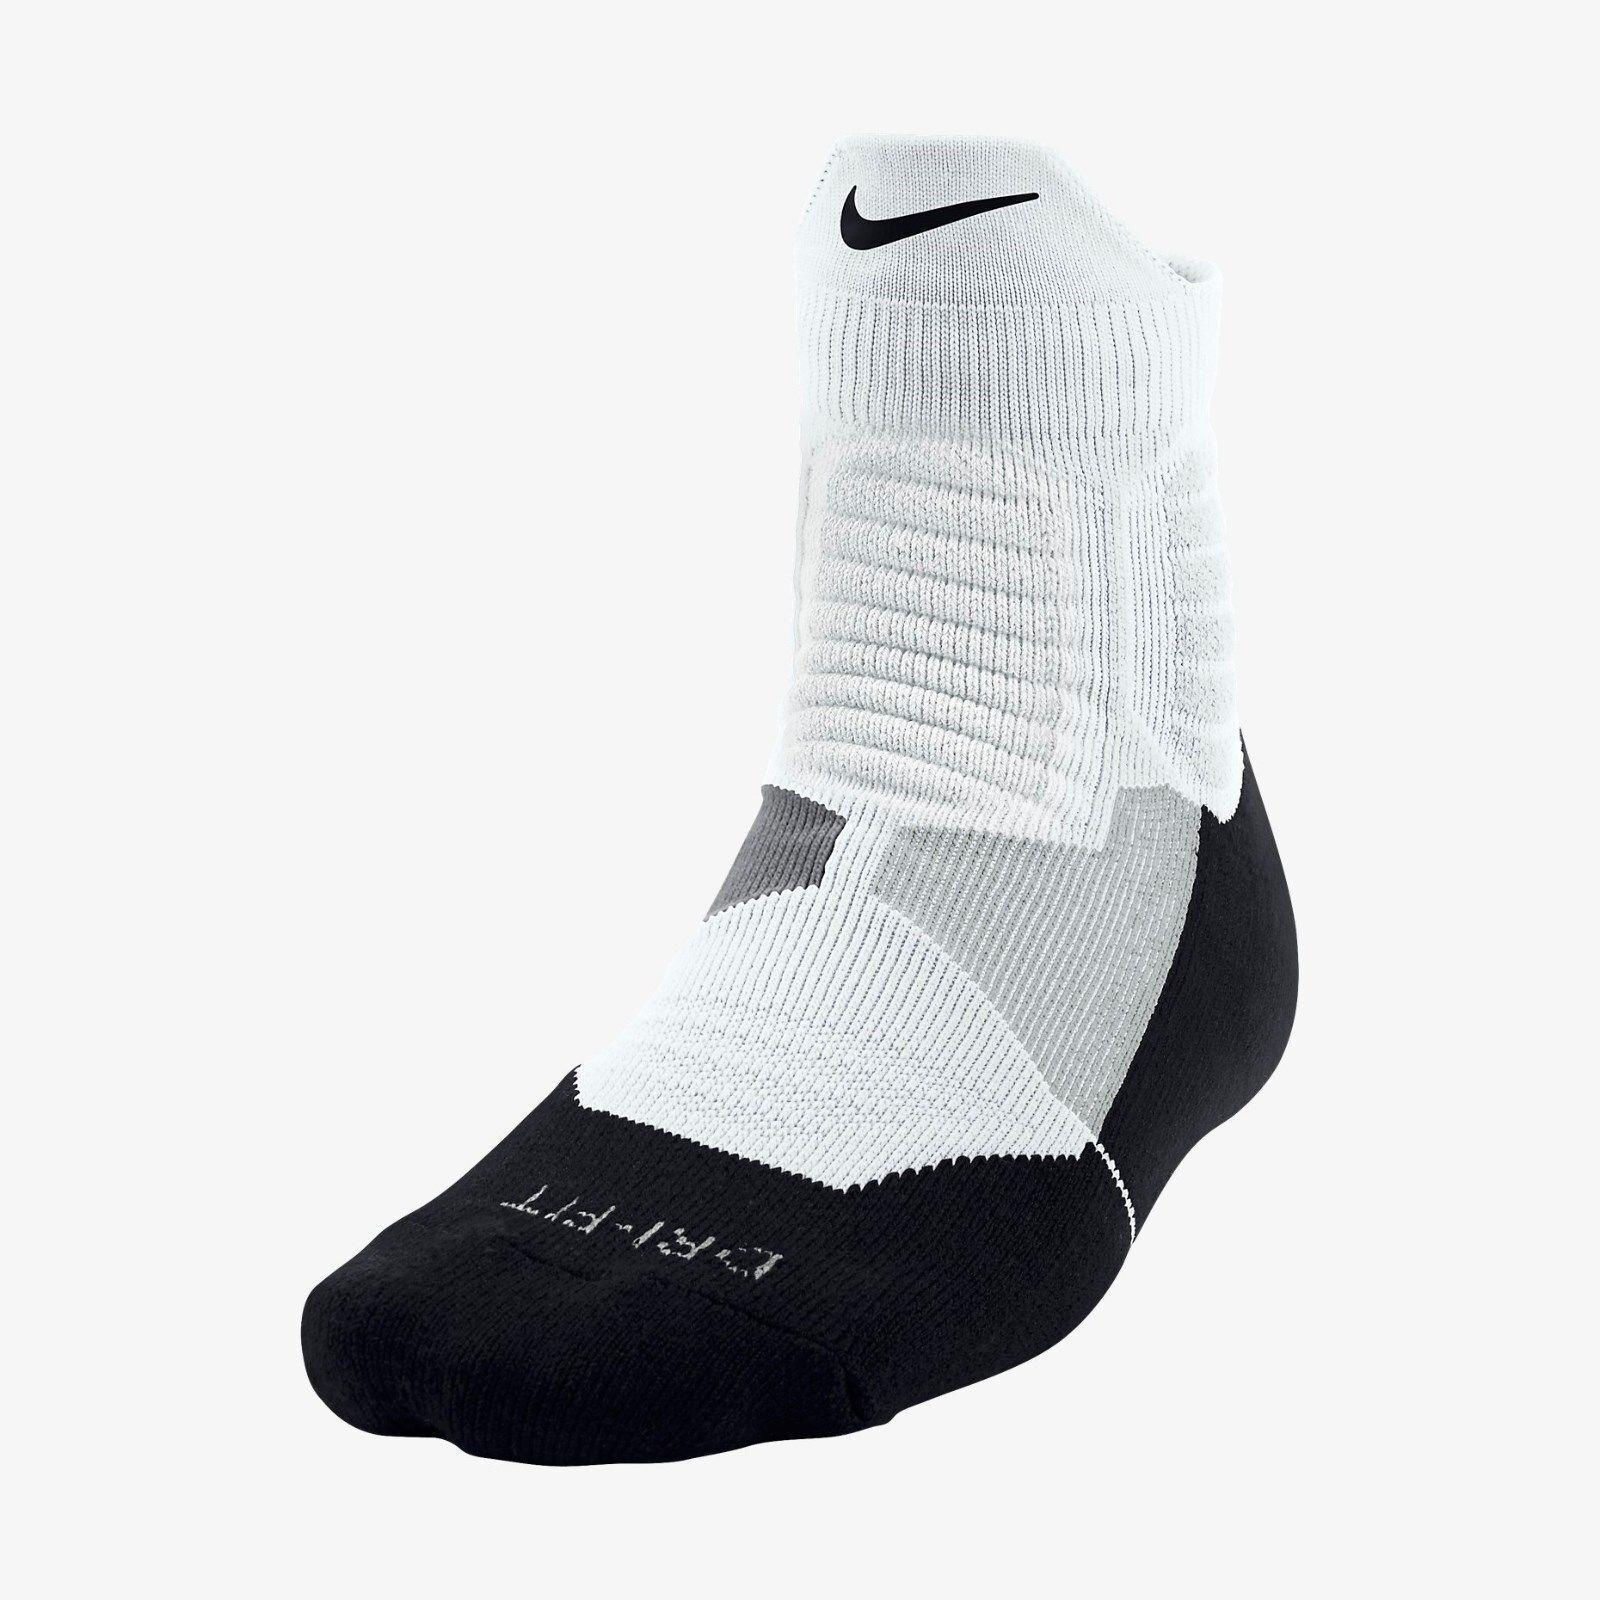 Top 10 Nike Elite Socks | eBay